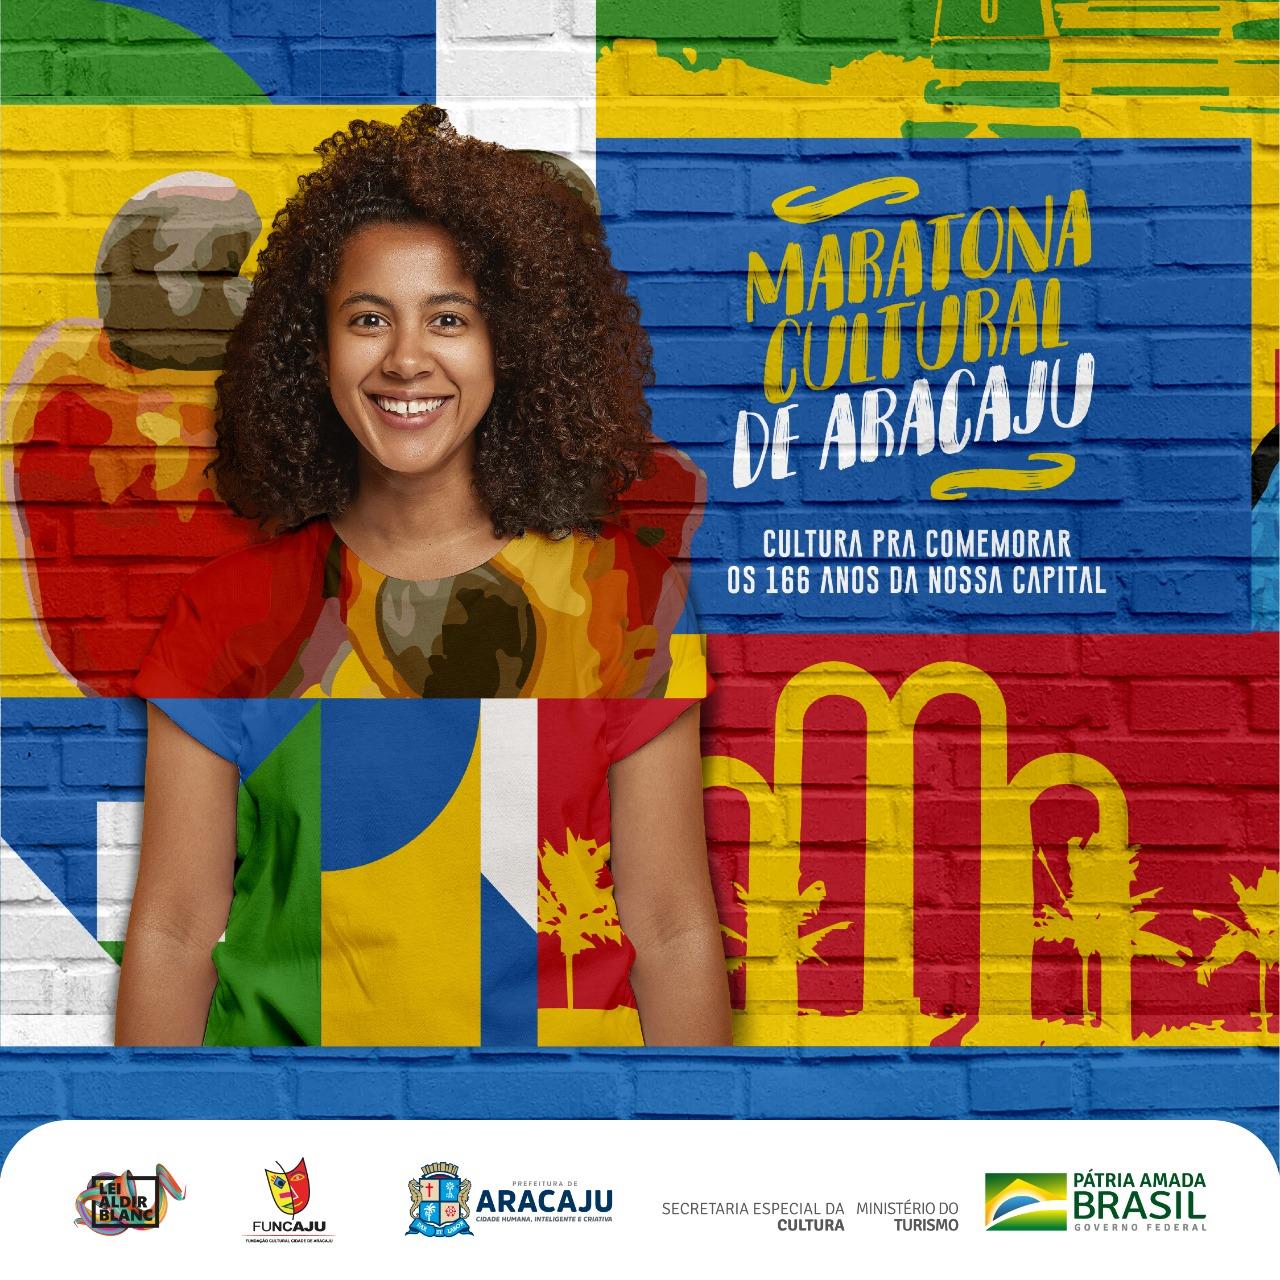 Maratona Cultural de Aracaju